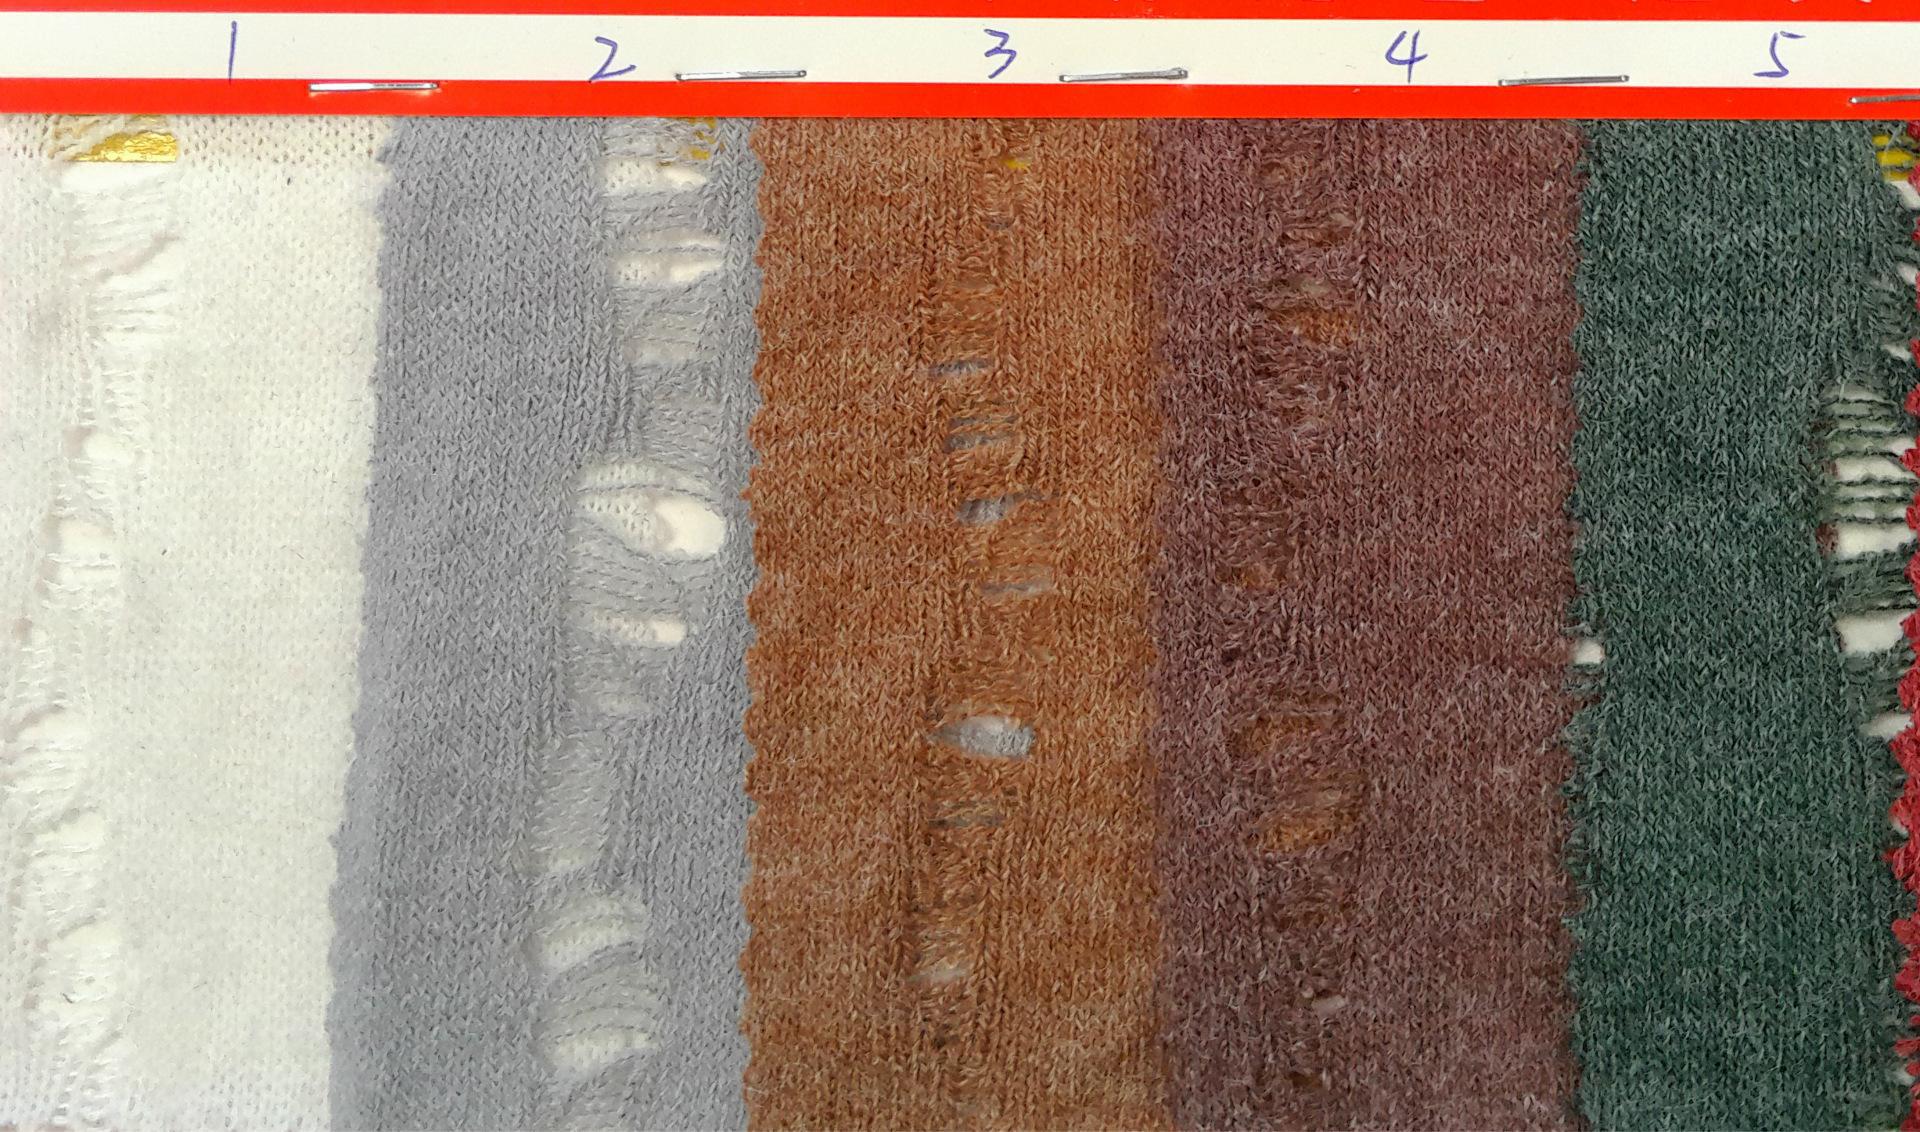 在用横机编织时引起破洞的原因和处理方法